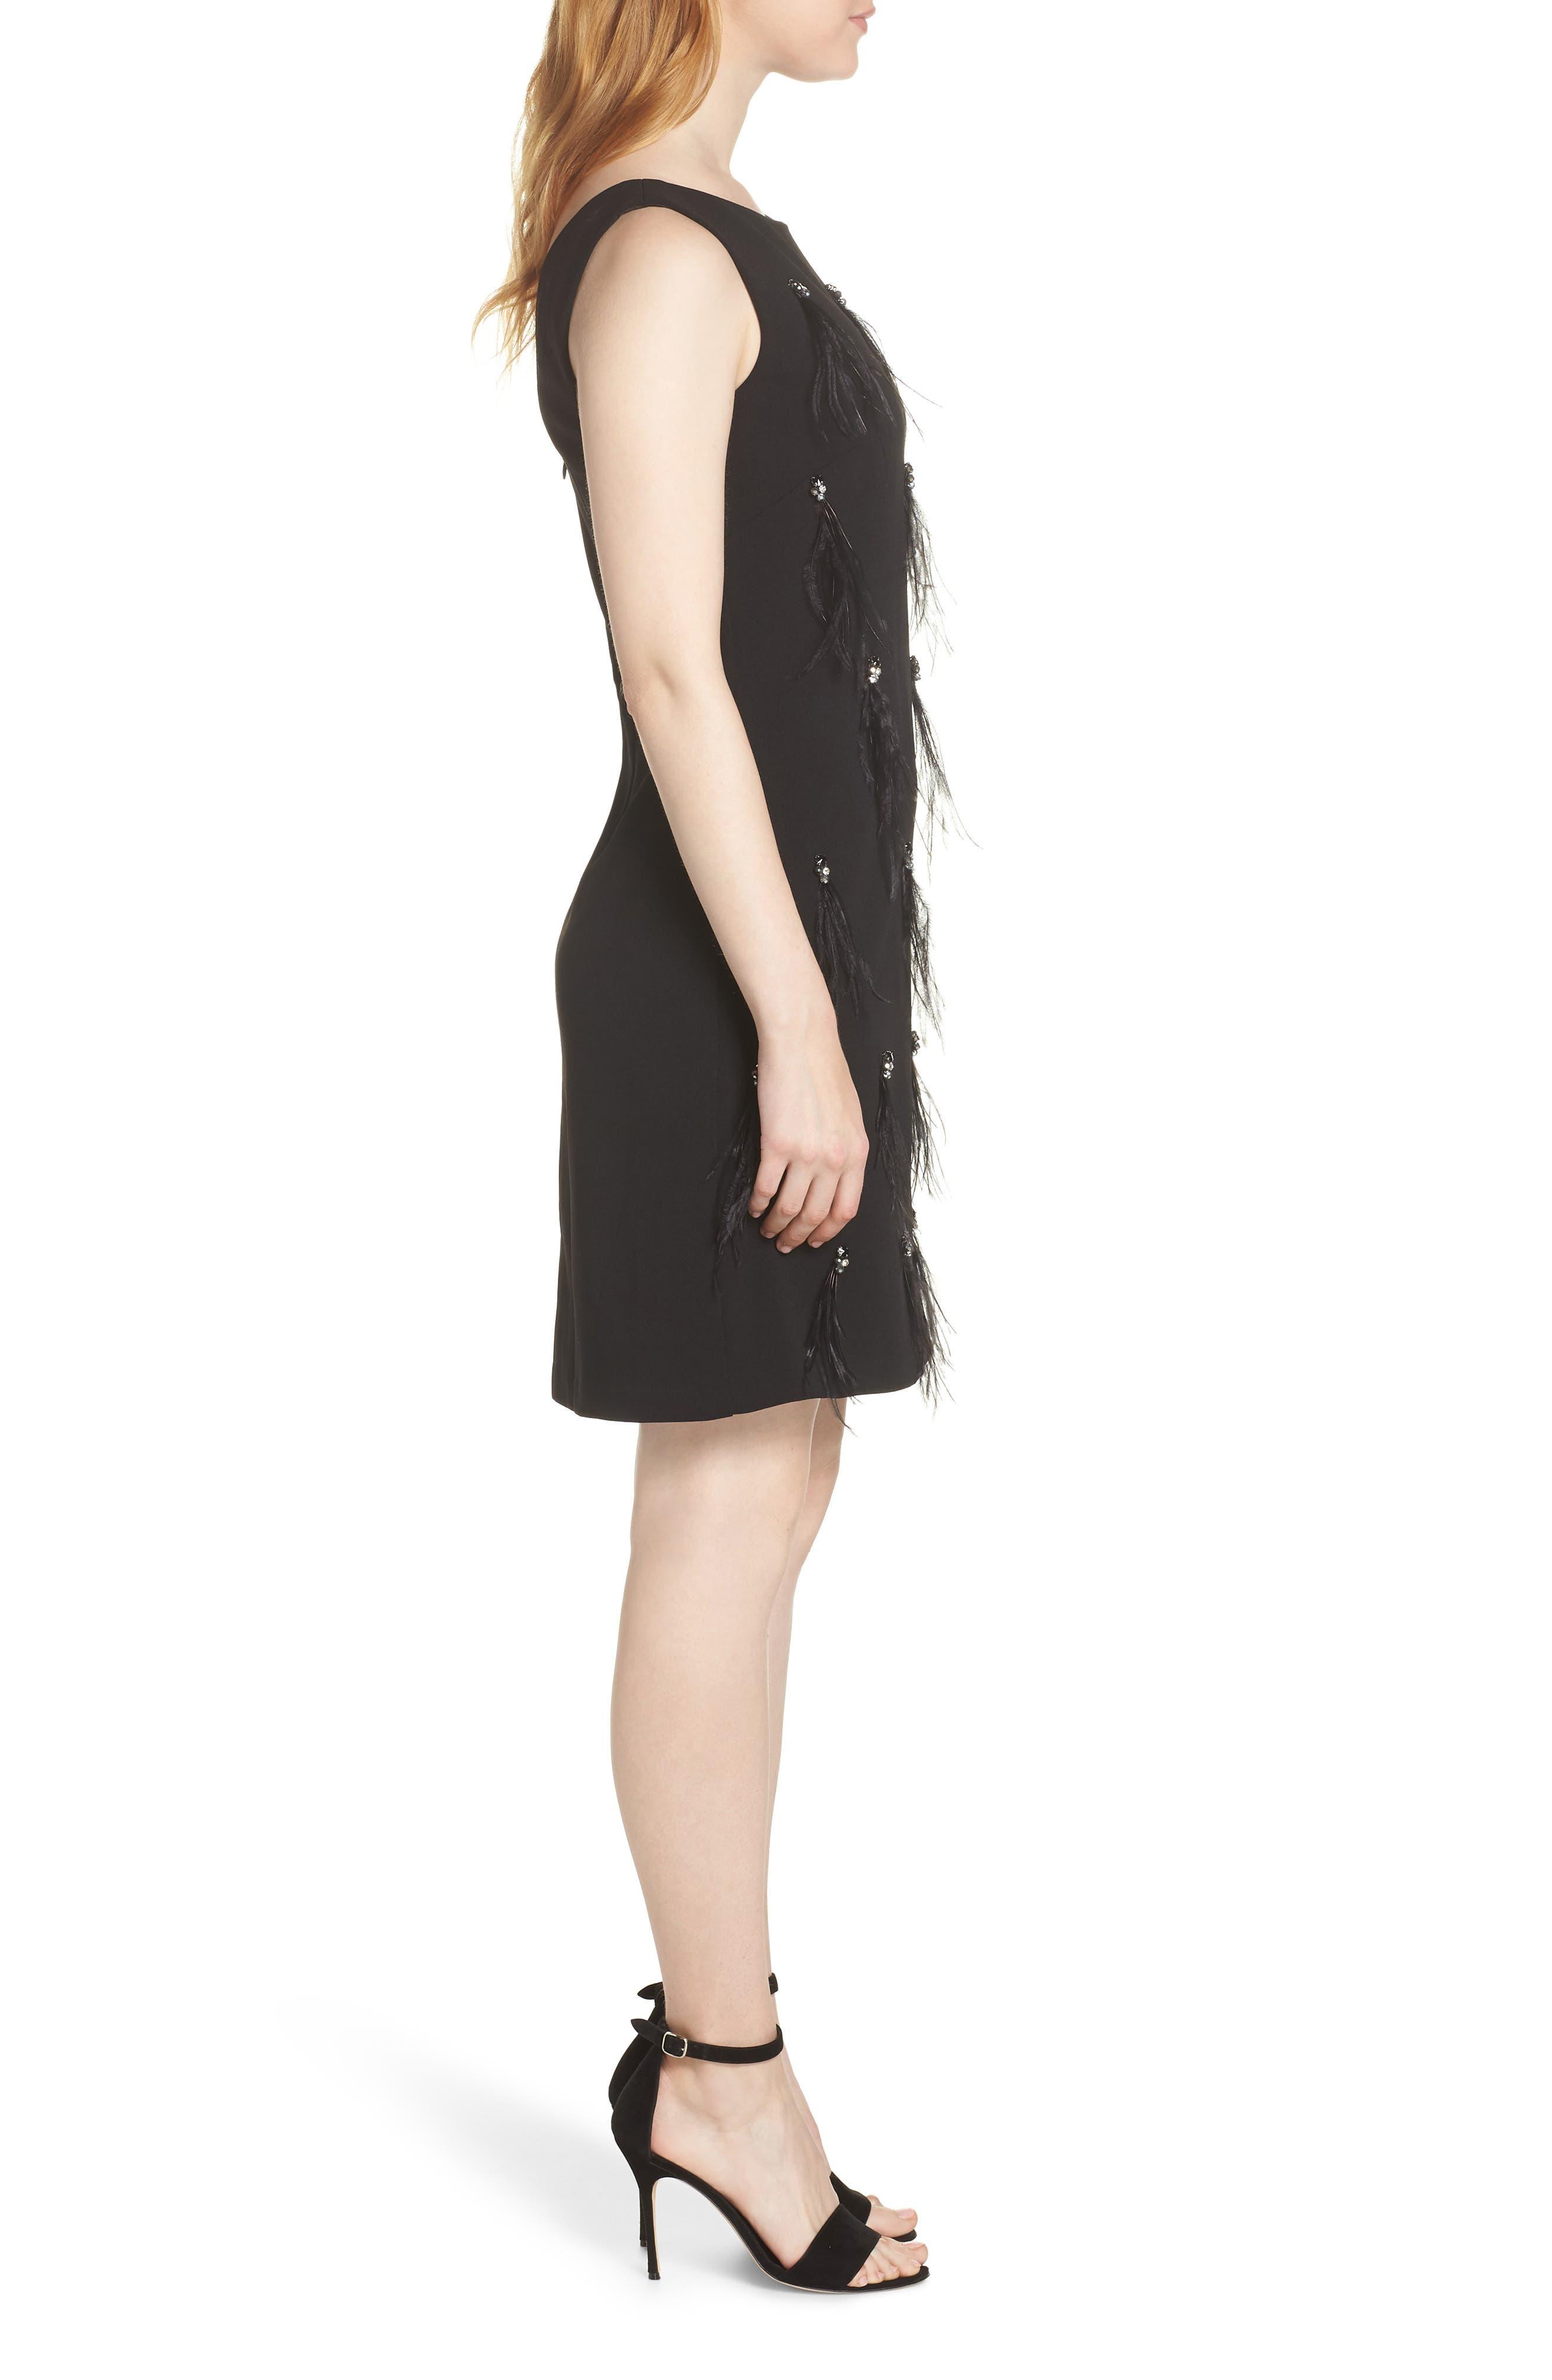 HARPER ROSE,                             Embellished Sheath Dress,                             Alternate thumbnail 3, color,                             BLACK